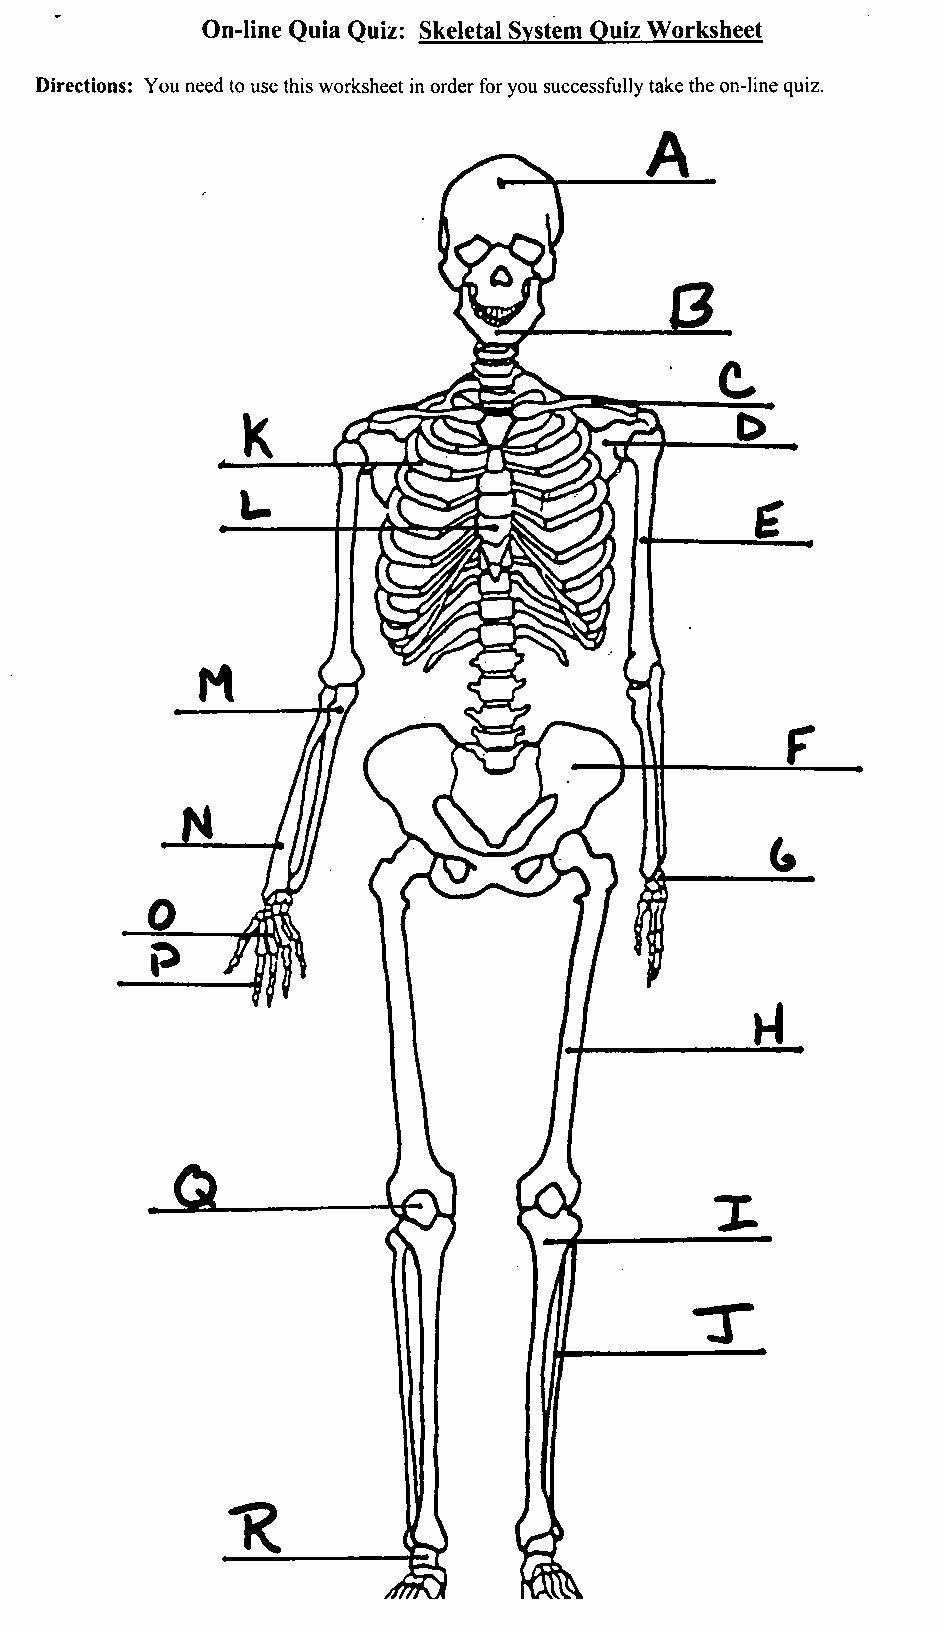 Skeletal System Labeling Worksheet Pdf Fresh Image Result for Skeletal System Labeled